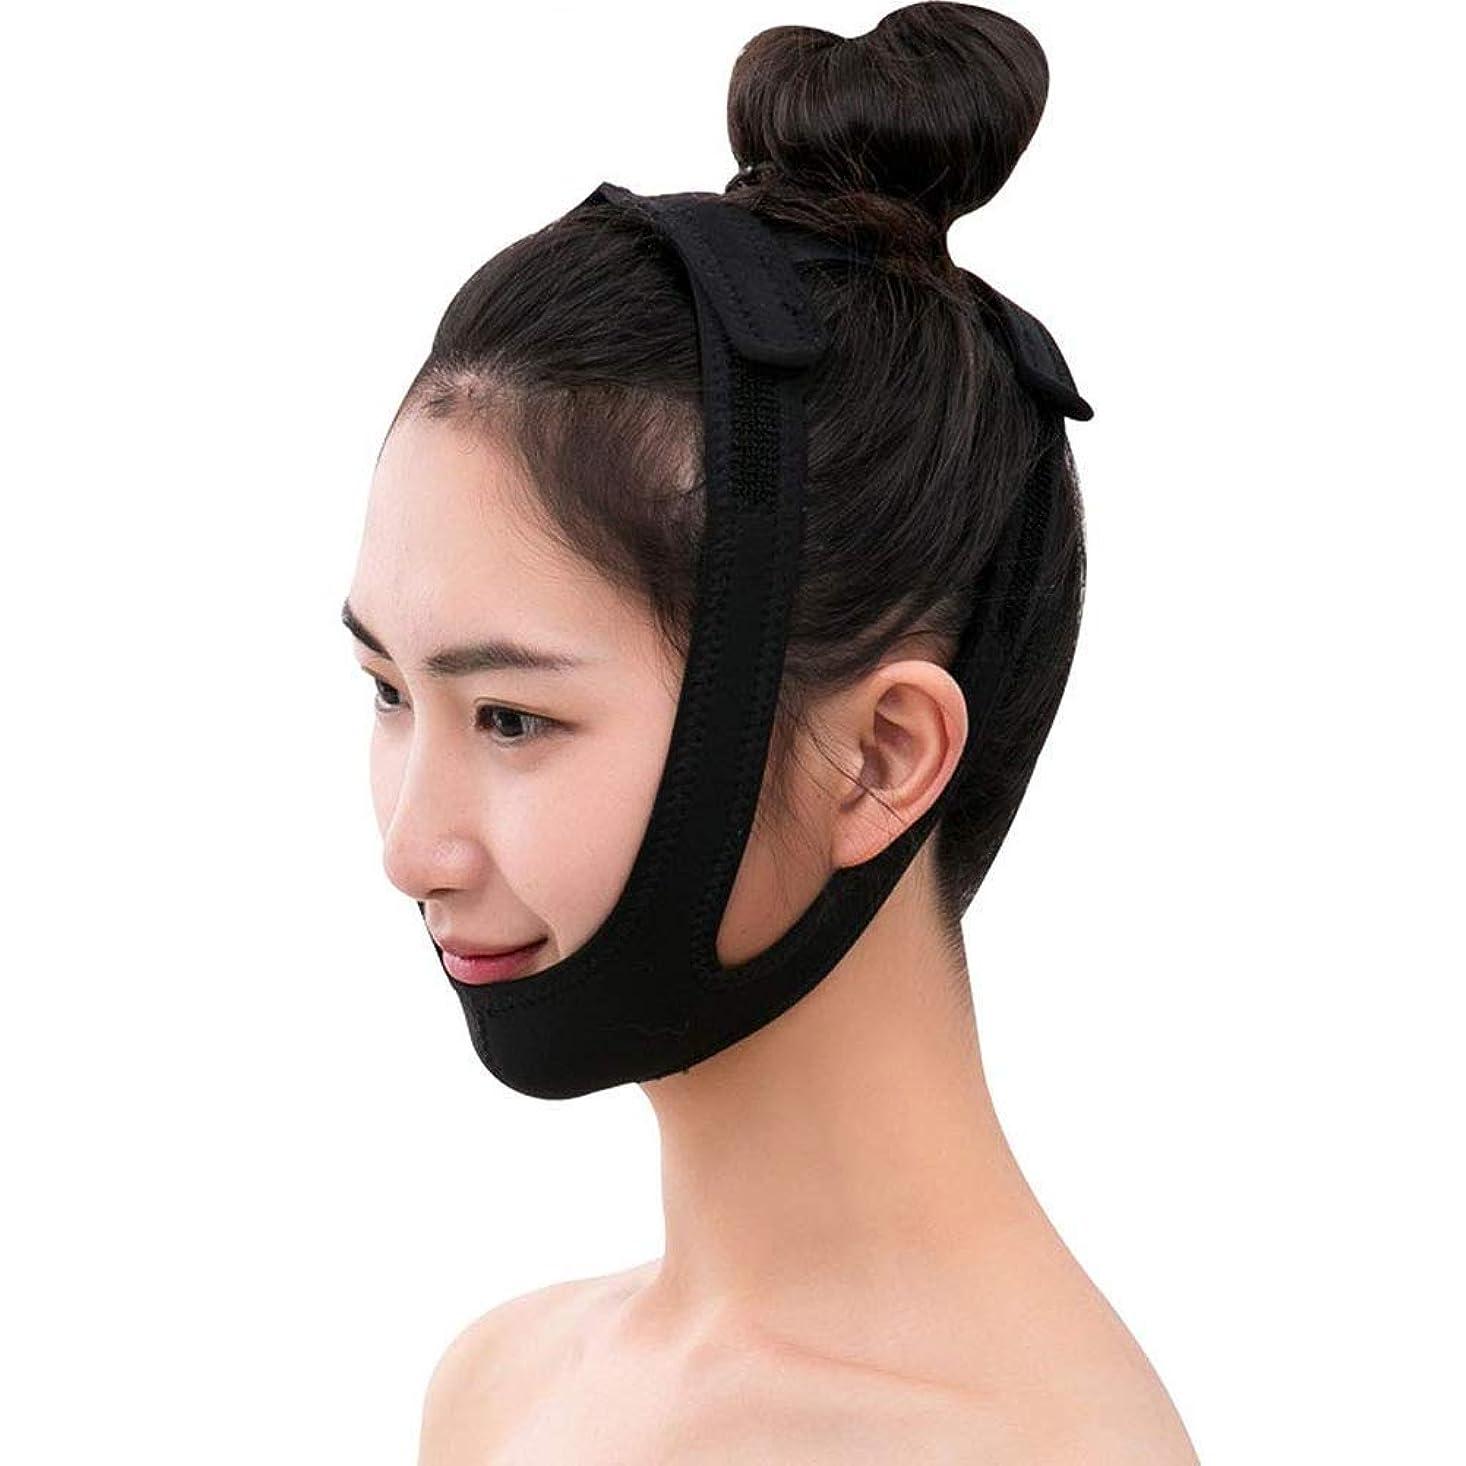 想定する胃デモンストレーションフェイスリフティングマスク、フェイスリフティング包帯V字型マスク/整形およびリフト/二重あごベルト/美容マスクフェイスリフト/縮小二重あご包帯/顔面矯正ベルト